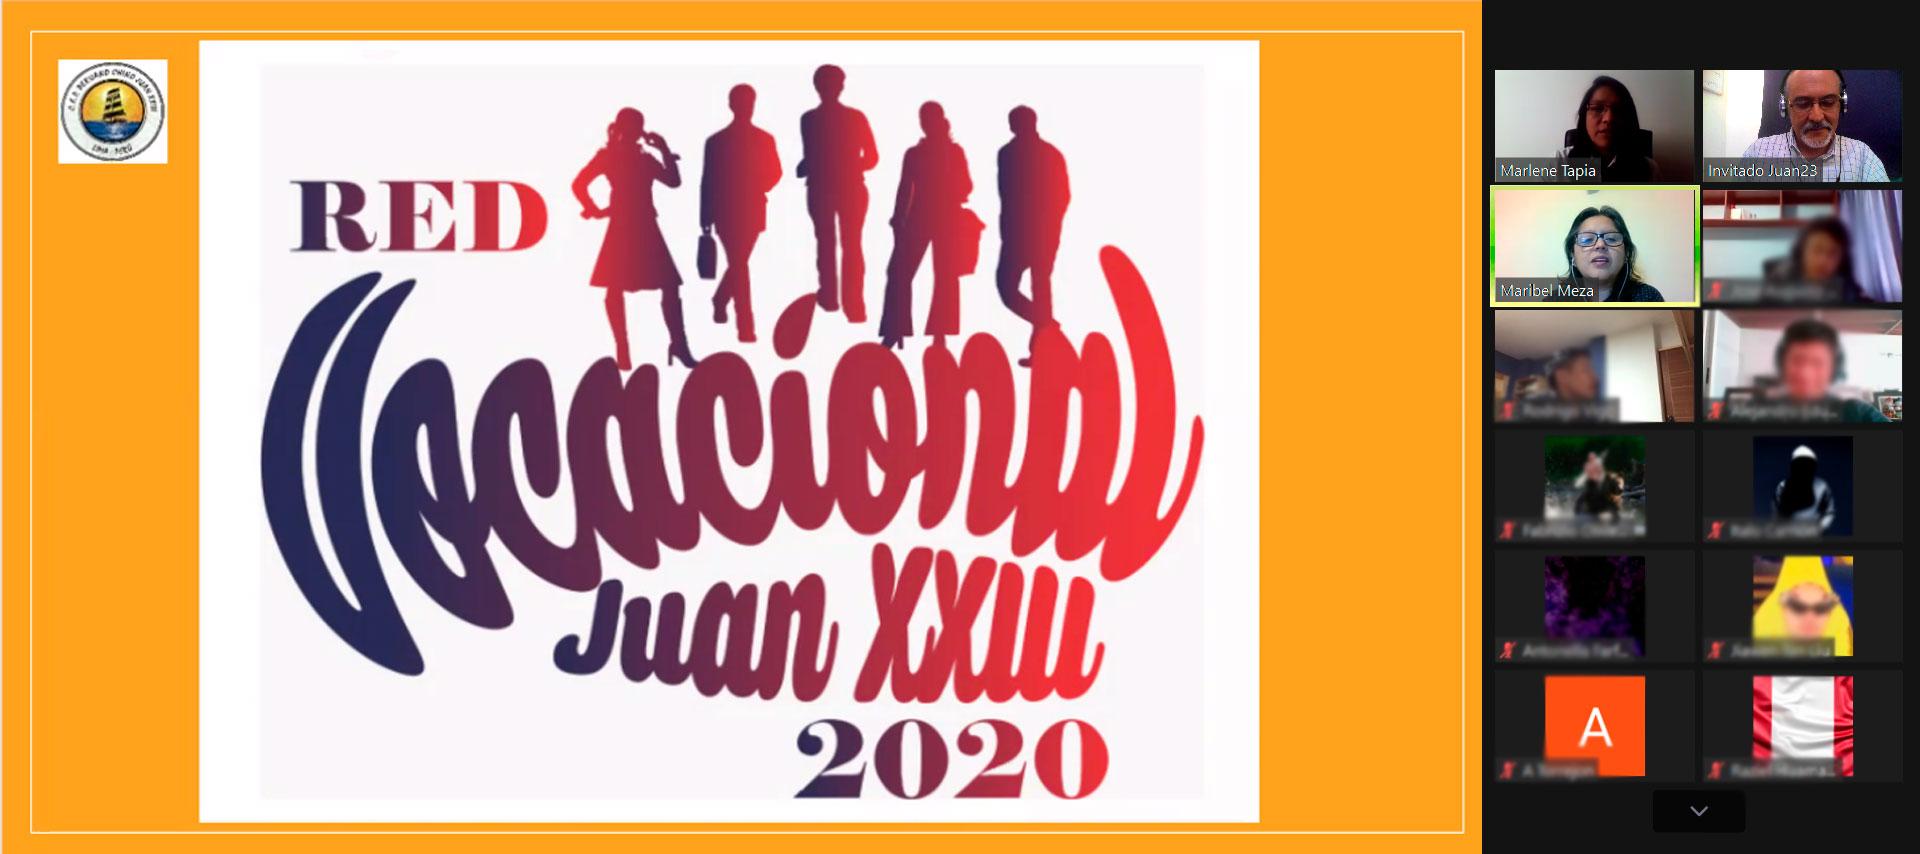 Inicio del Webinar para la Red Vocacional del Colegio Juan XXIII - Webinars Overflow.pe